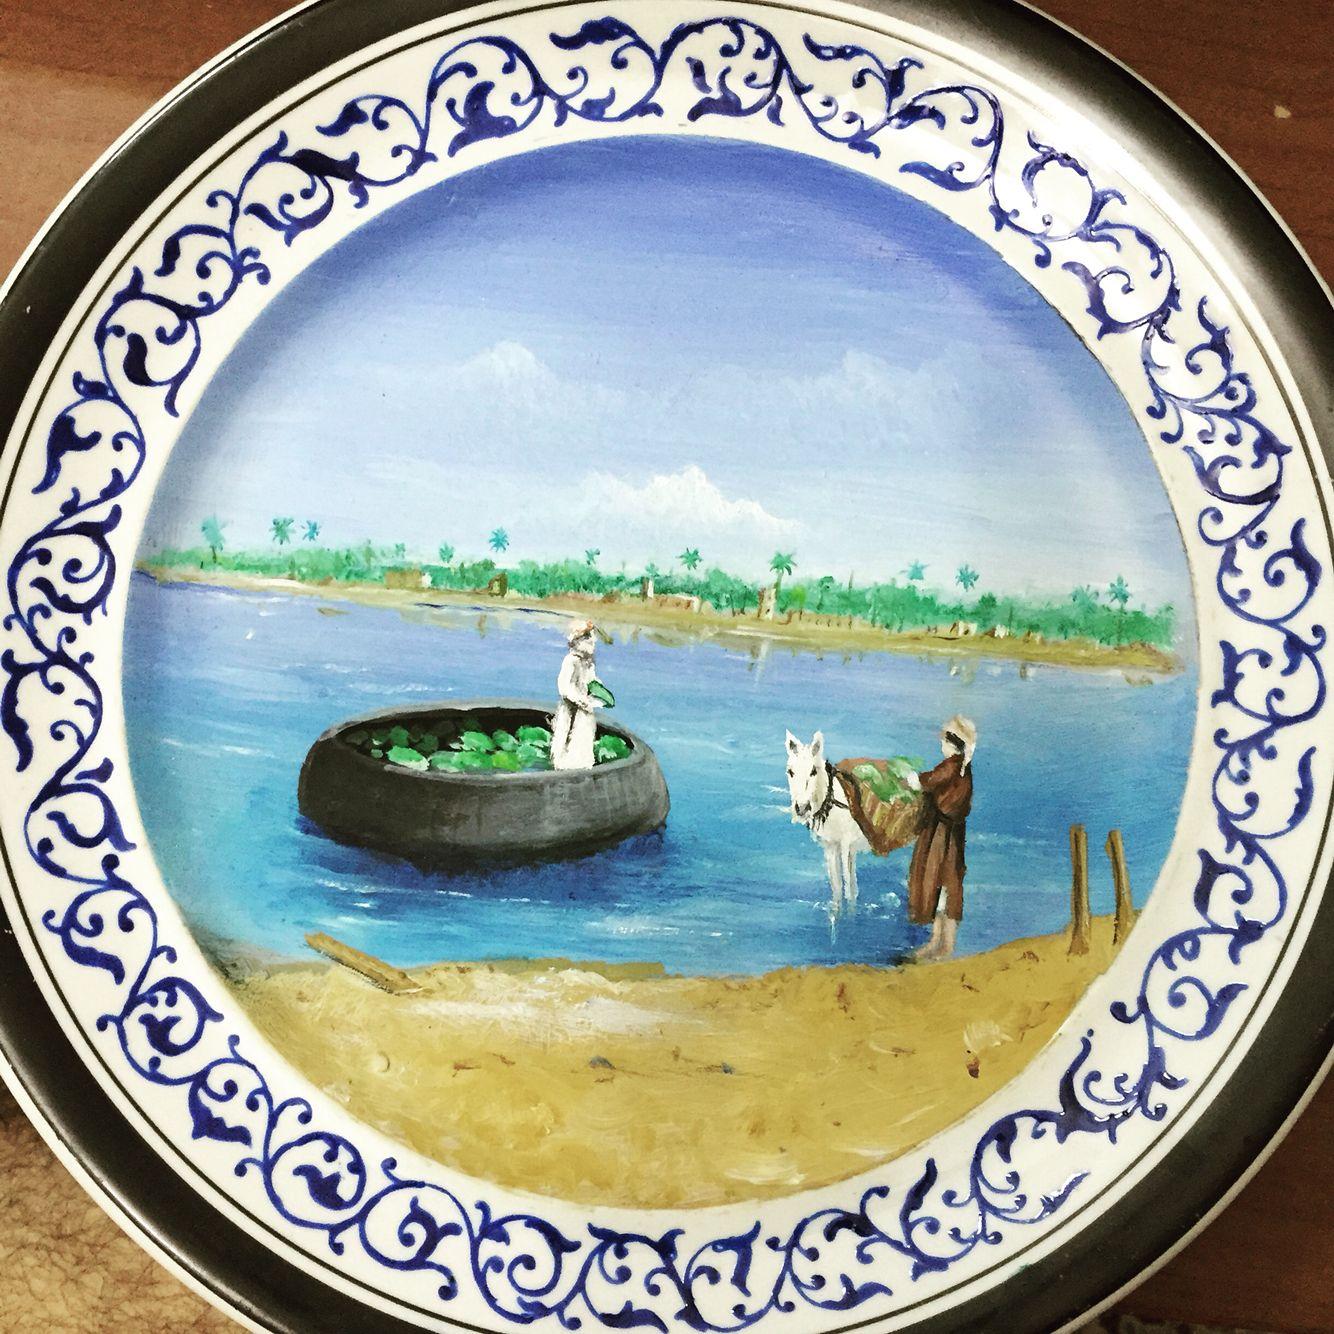 مشهد بغدادي رسم على البورسيلان مع زخرفة نباتية احيطت بالمشهد Drawings Tableware Handmade